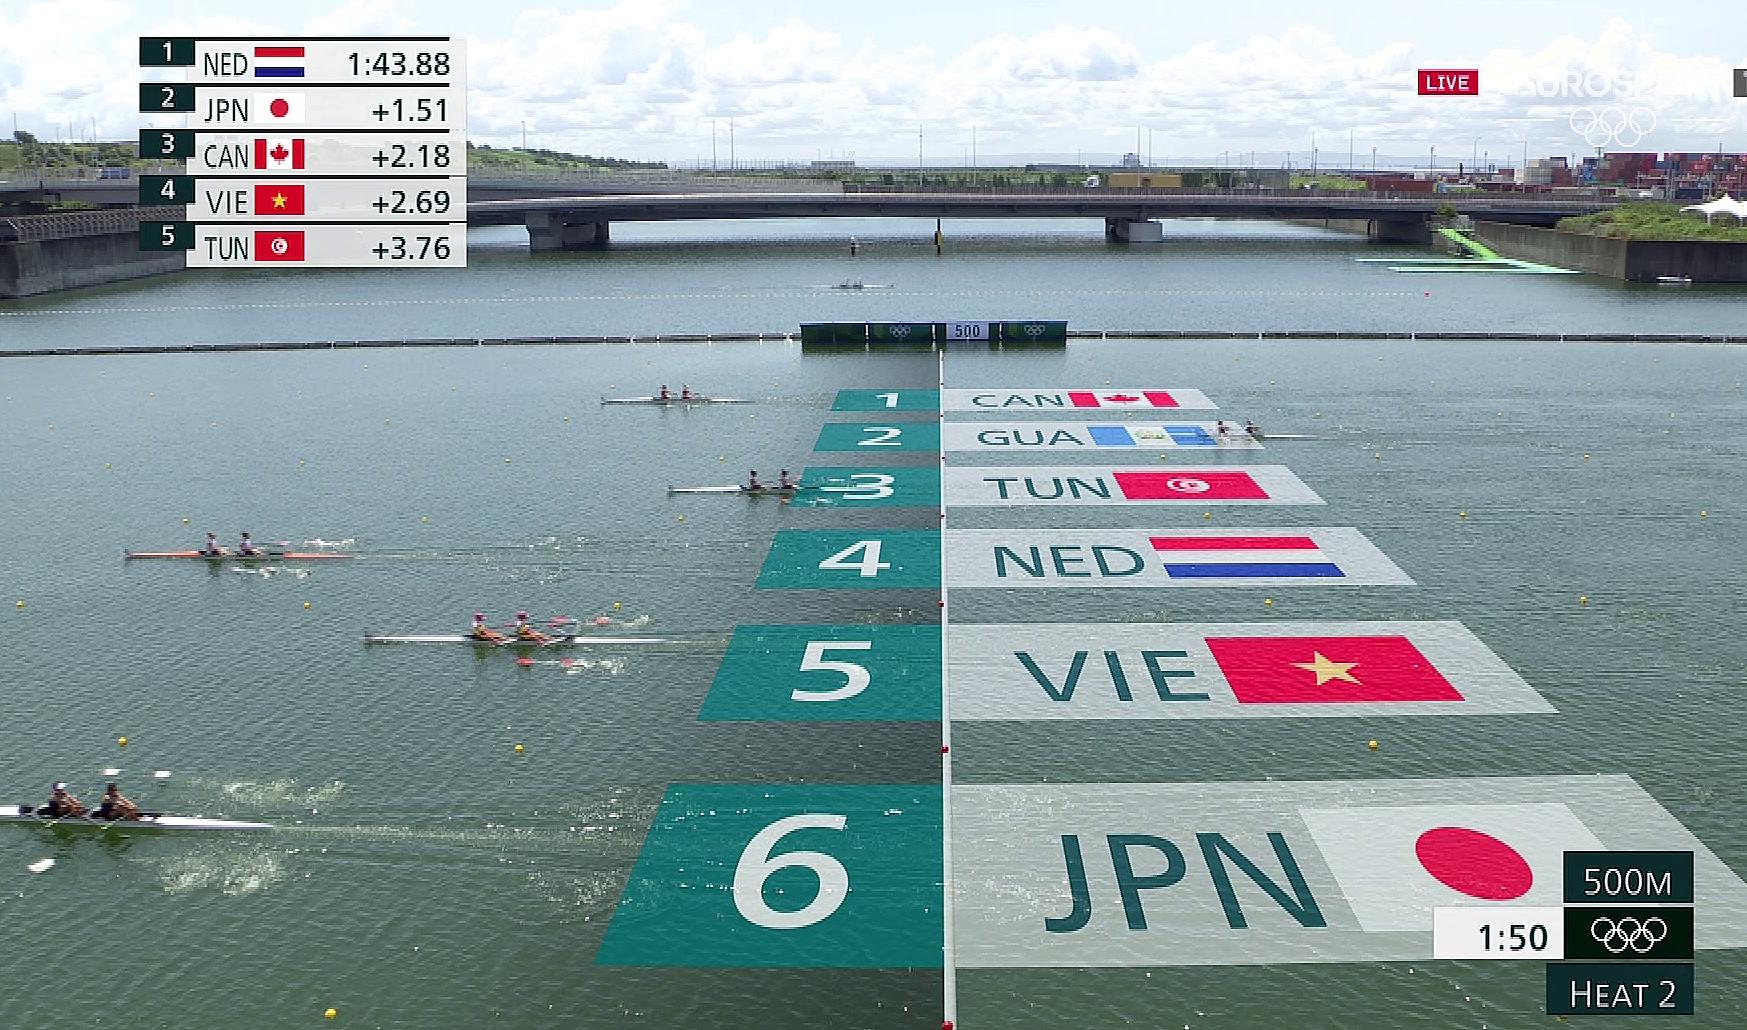 Lường Thị Thảo và Đinh Thị Hảo phải xuống chơi ở vòng vớt, nội dung duy nhất của rowing Việt Nam tại Olympic Tokyo. Ảnh: chụp màn hình